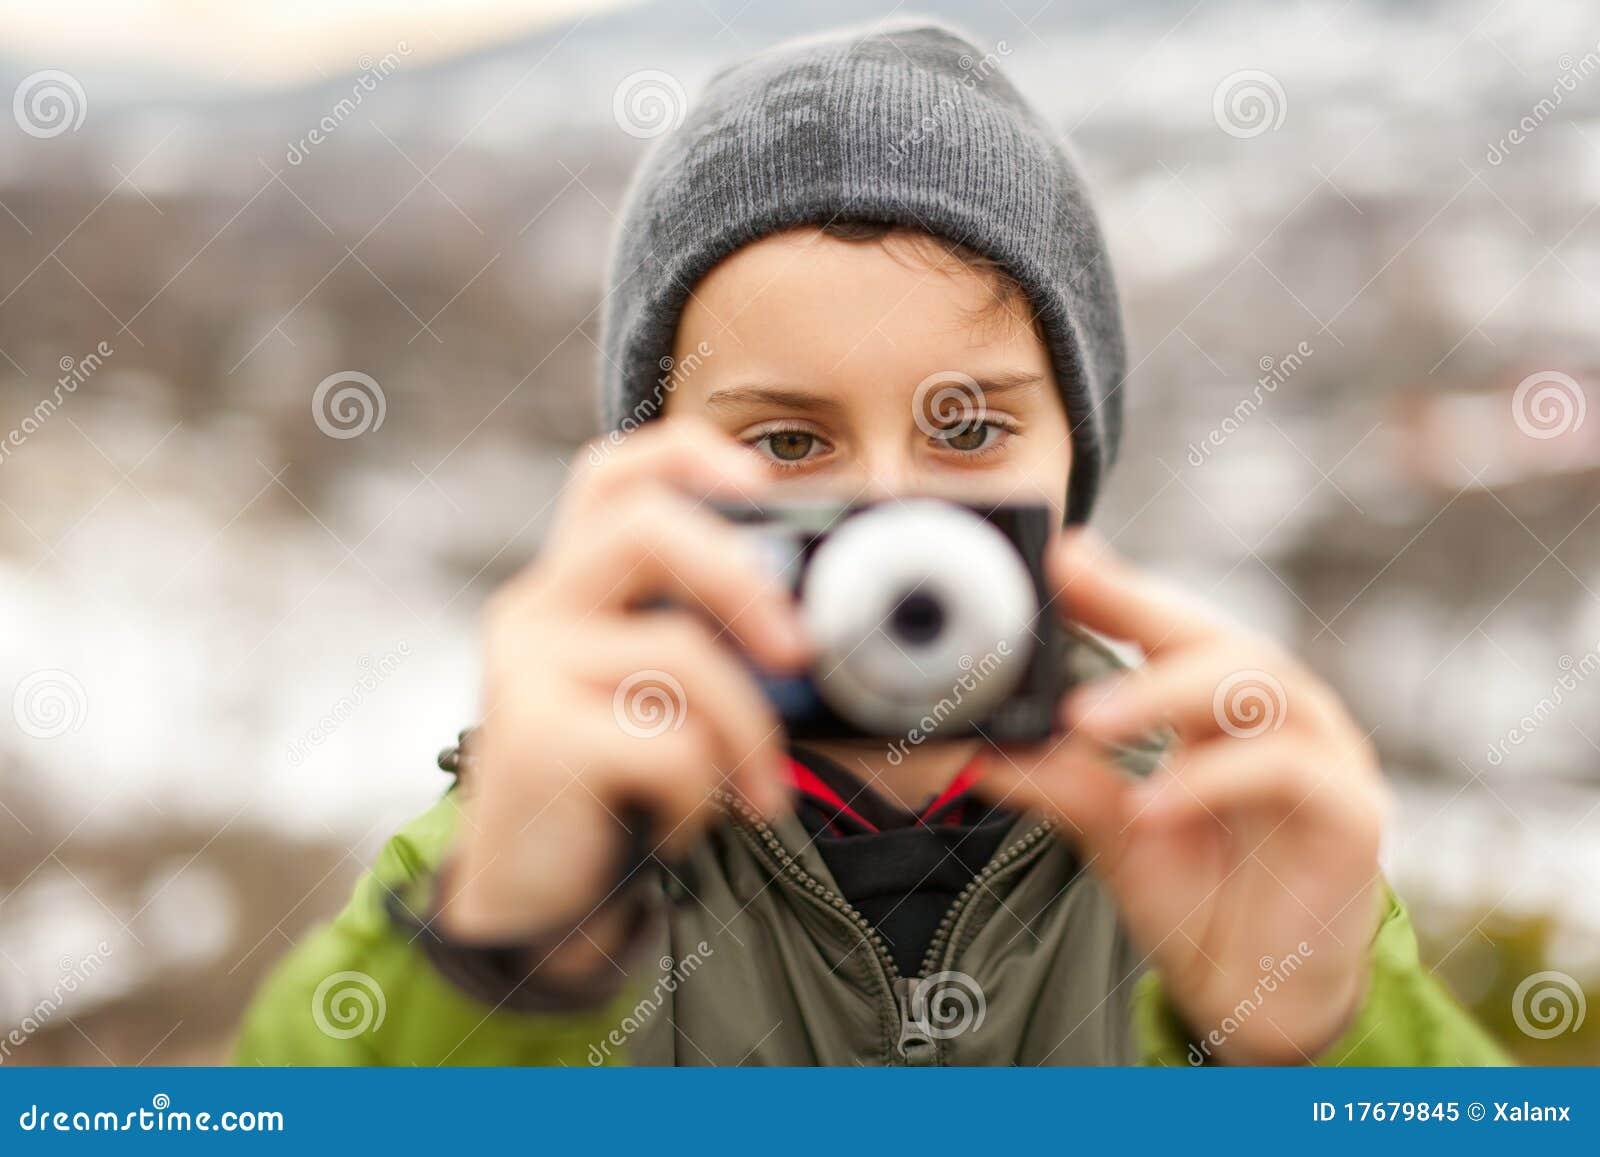 Chłopiec mały plenerowy obrazków zabranie